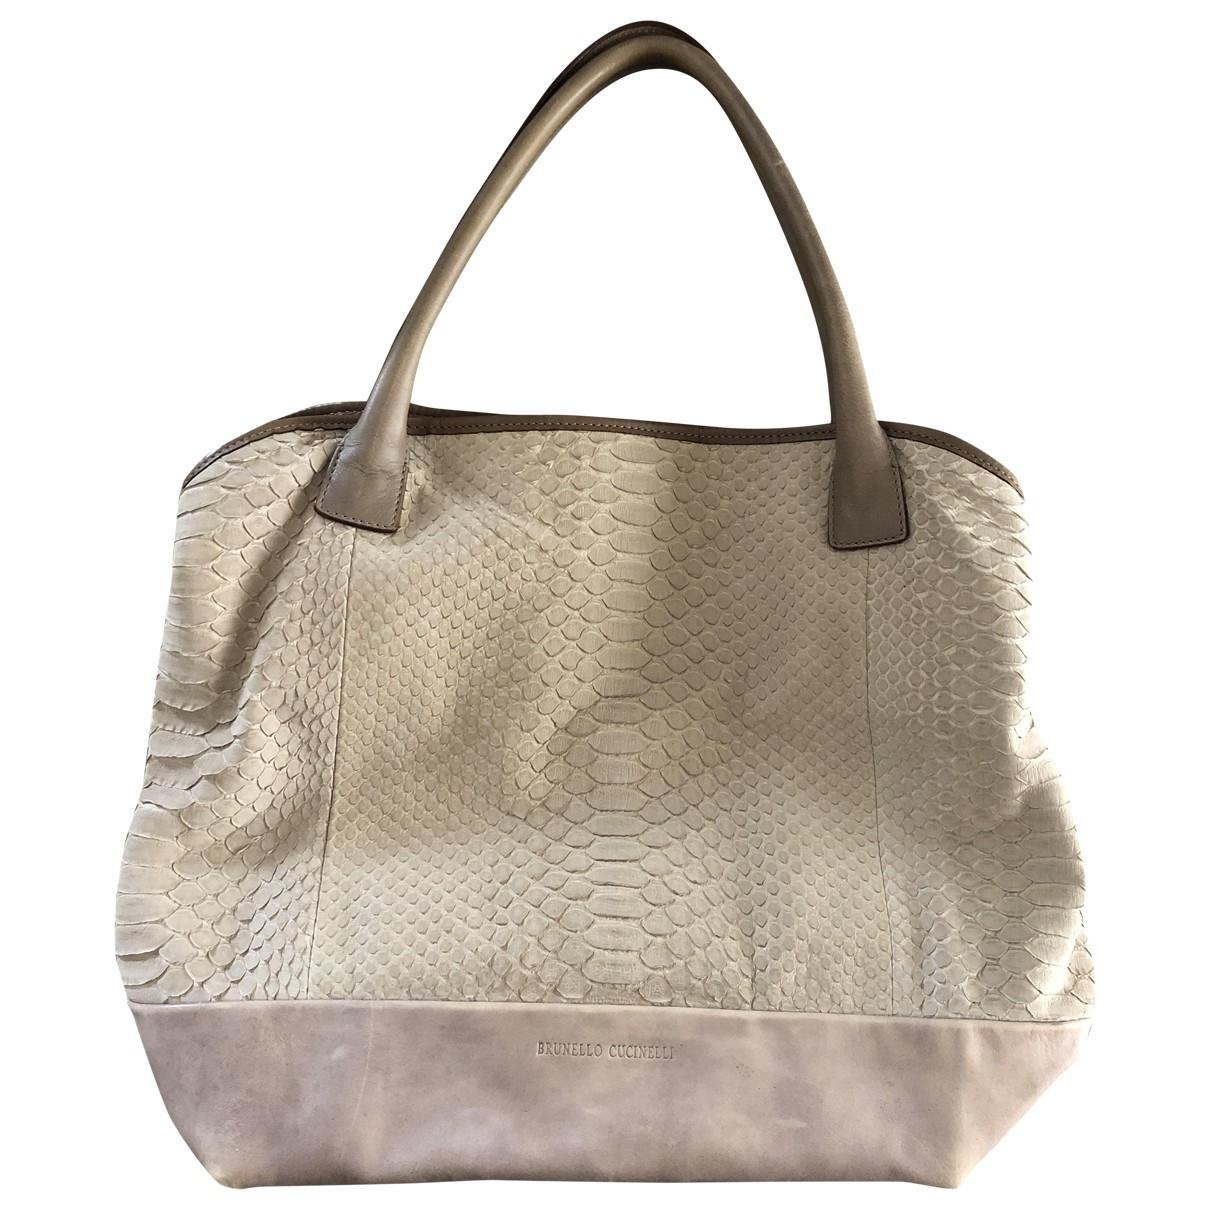 Brunello Cucinelli \N Beige Python handbag for Women \N